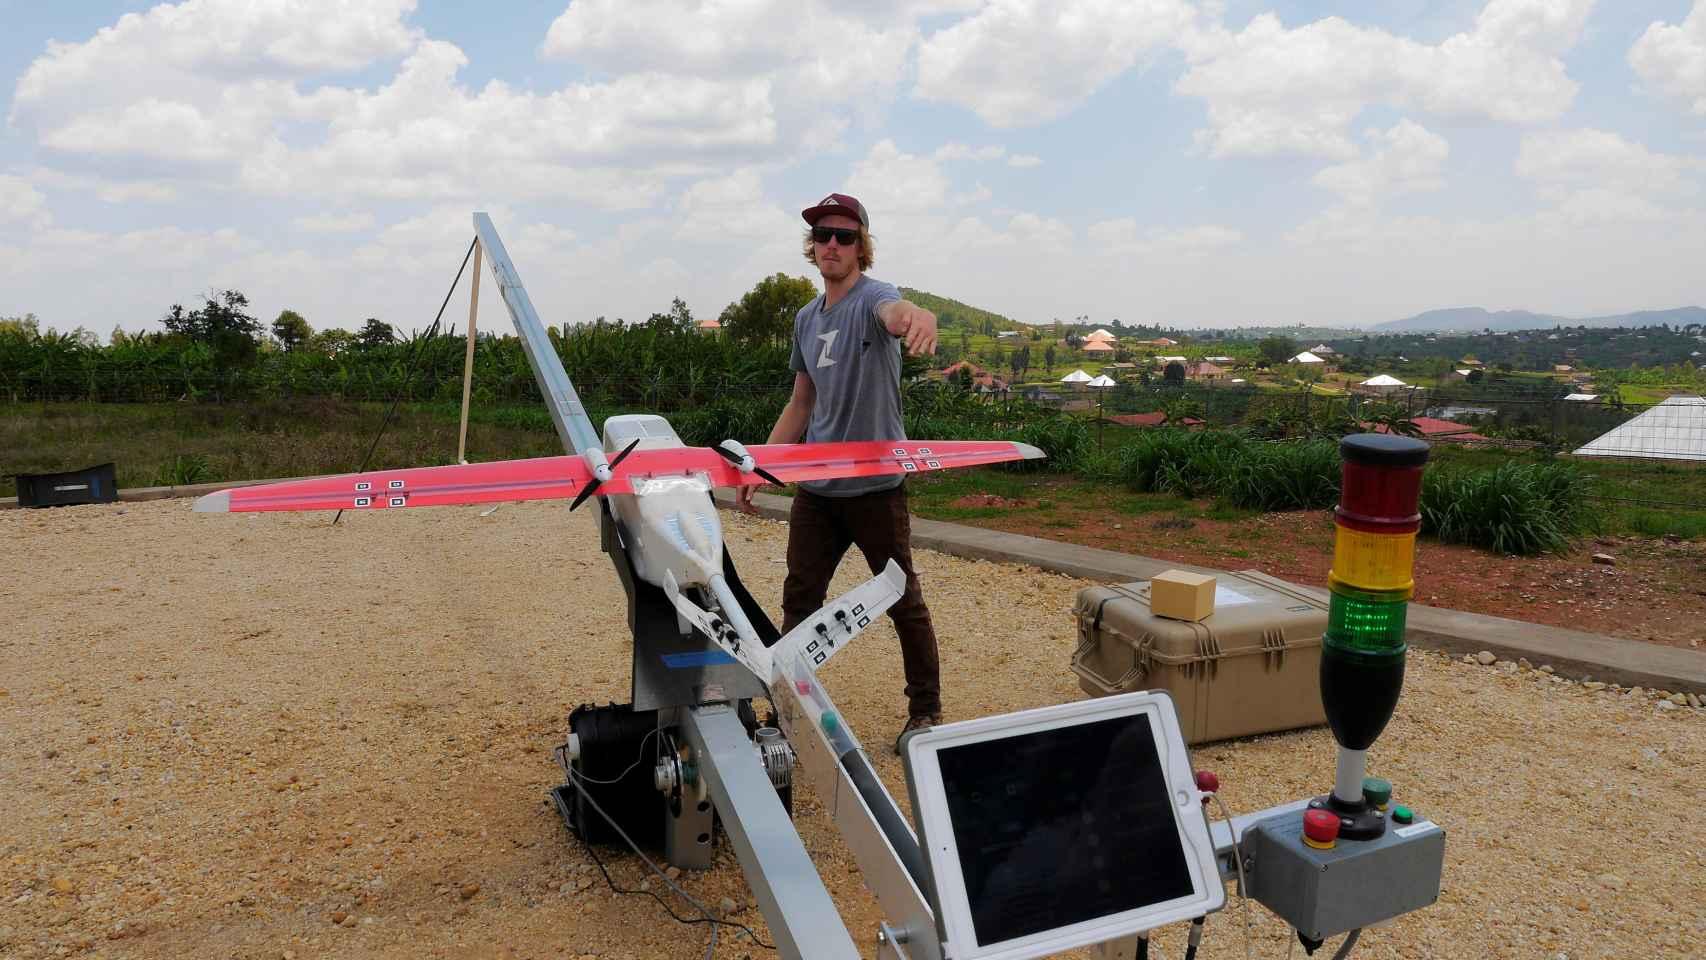 Ingeniero prepara un dron para un vuelo de prueba en Kigali, Ruanda.